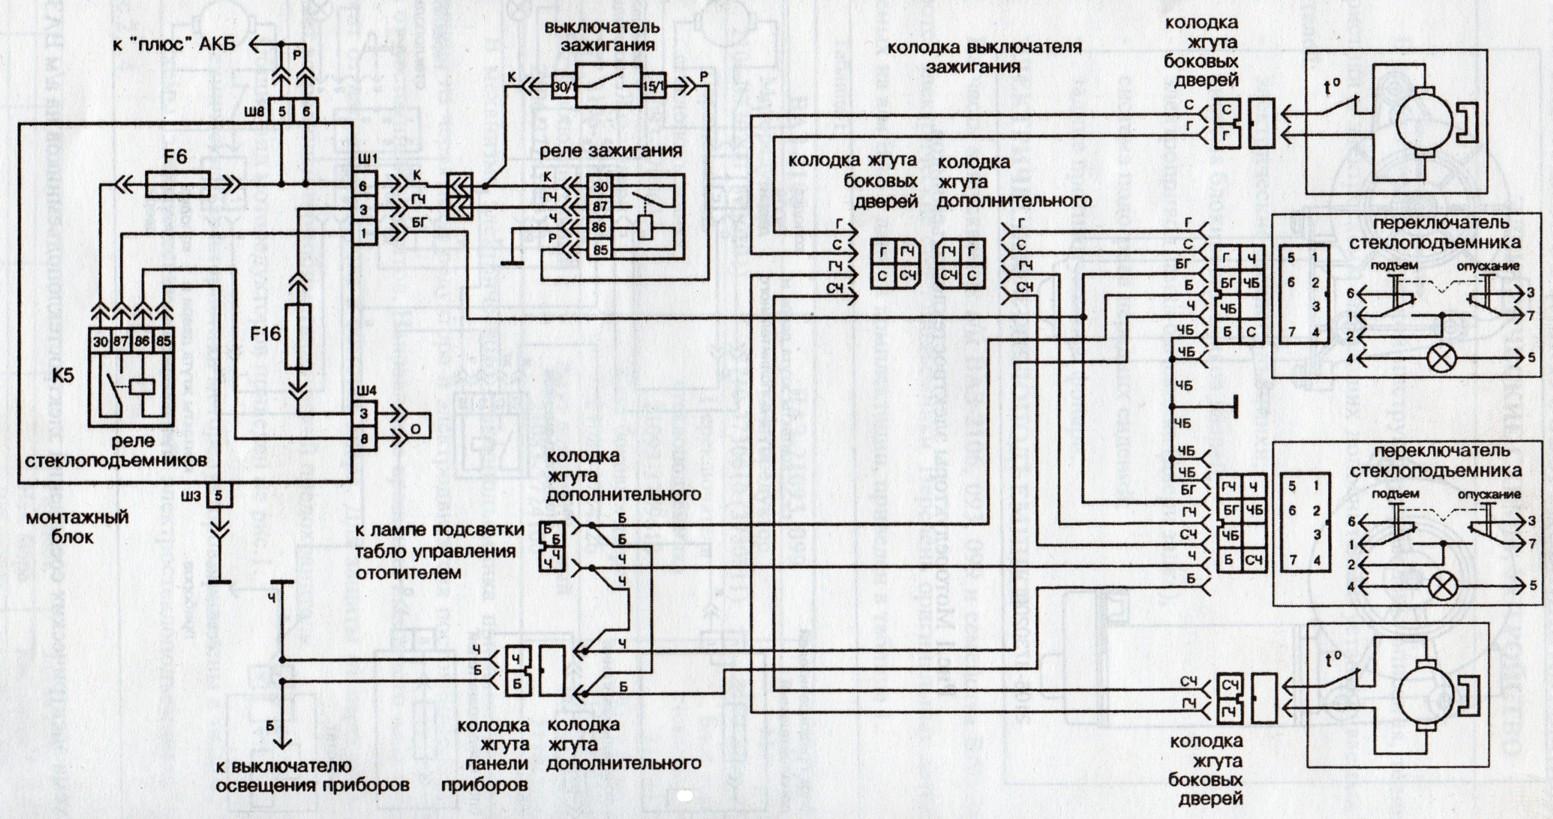 Электрическая схема стеклоподъемников на ваз 2170.